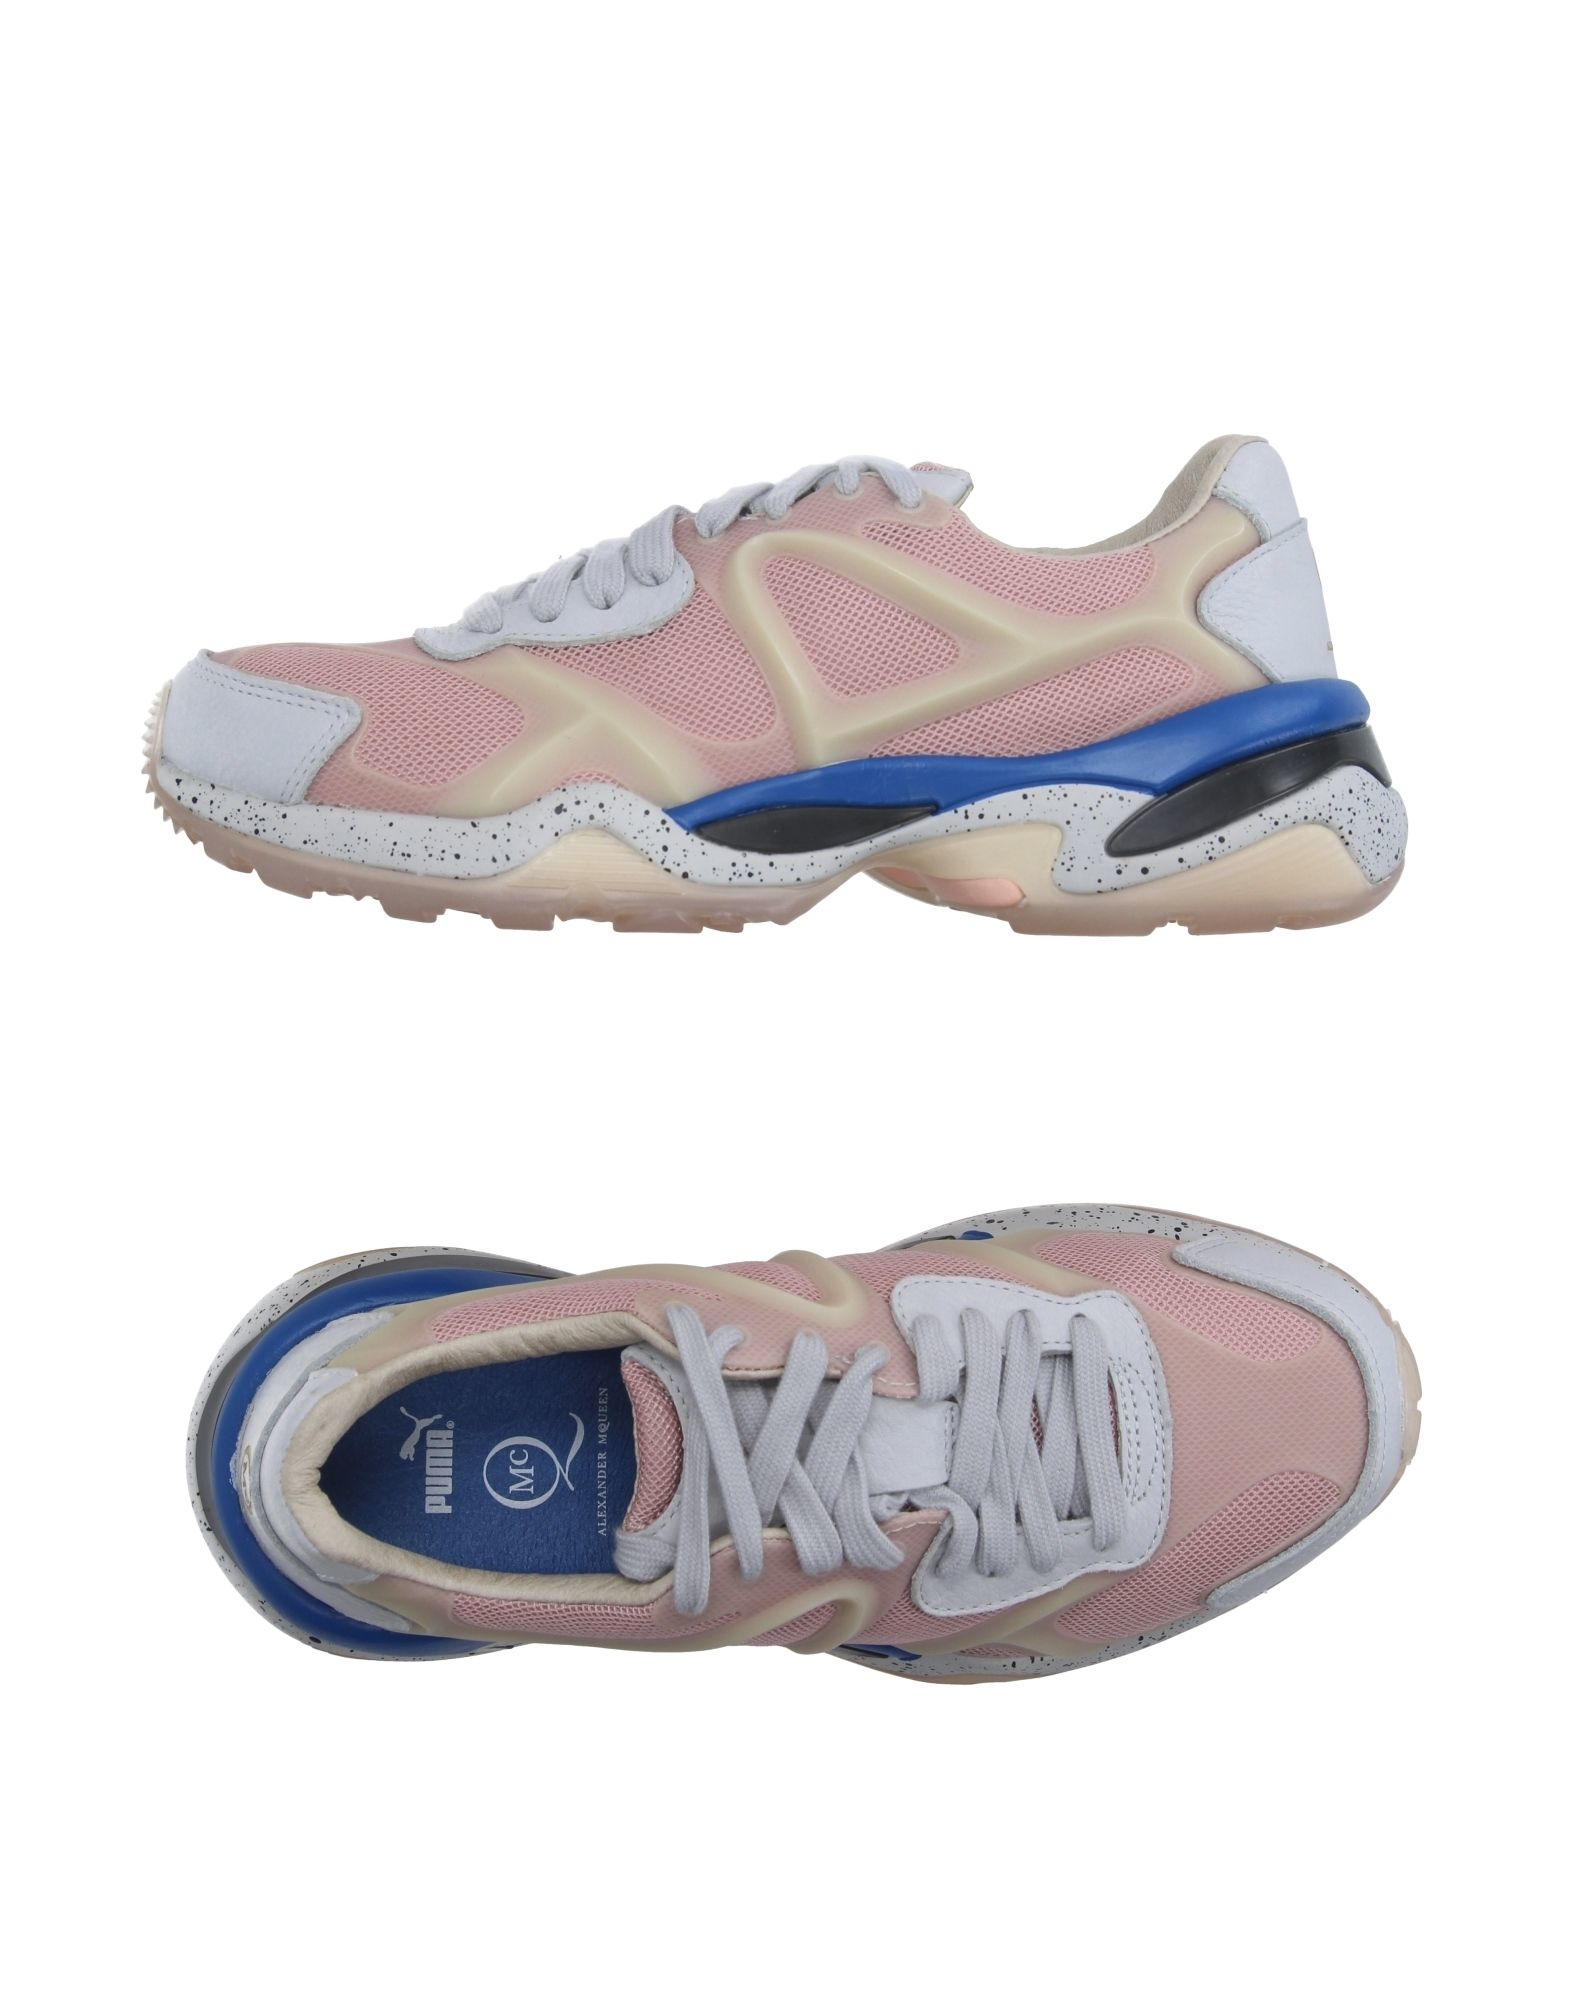 2d2cc5d7fed622 alexander mcqueen x puma trainers - La sélection de www.inrj.fr !